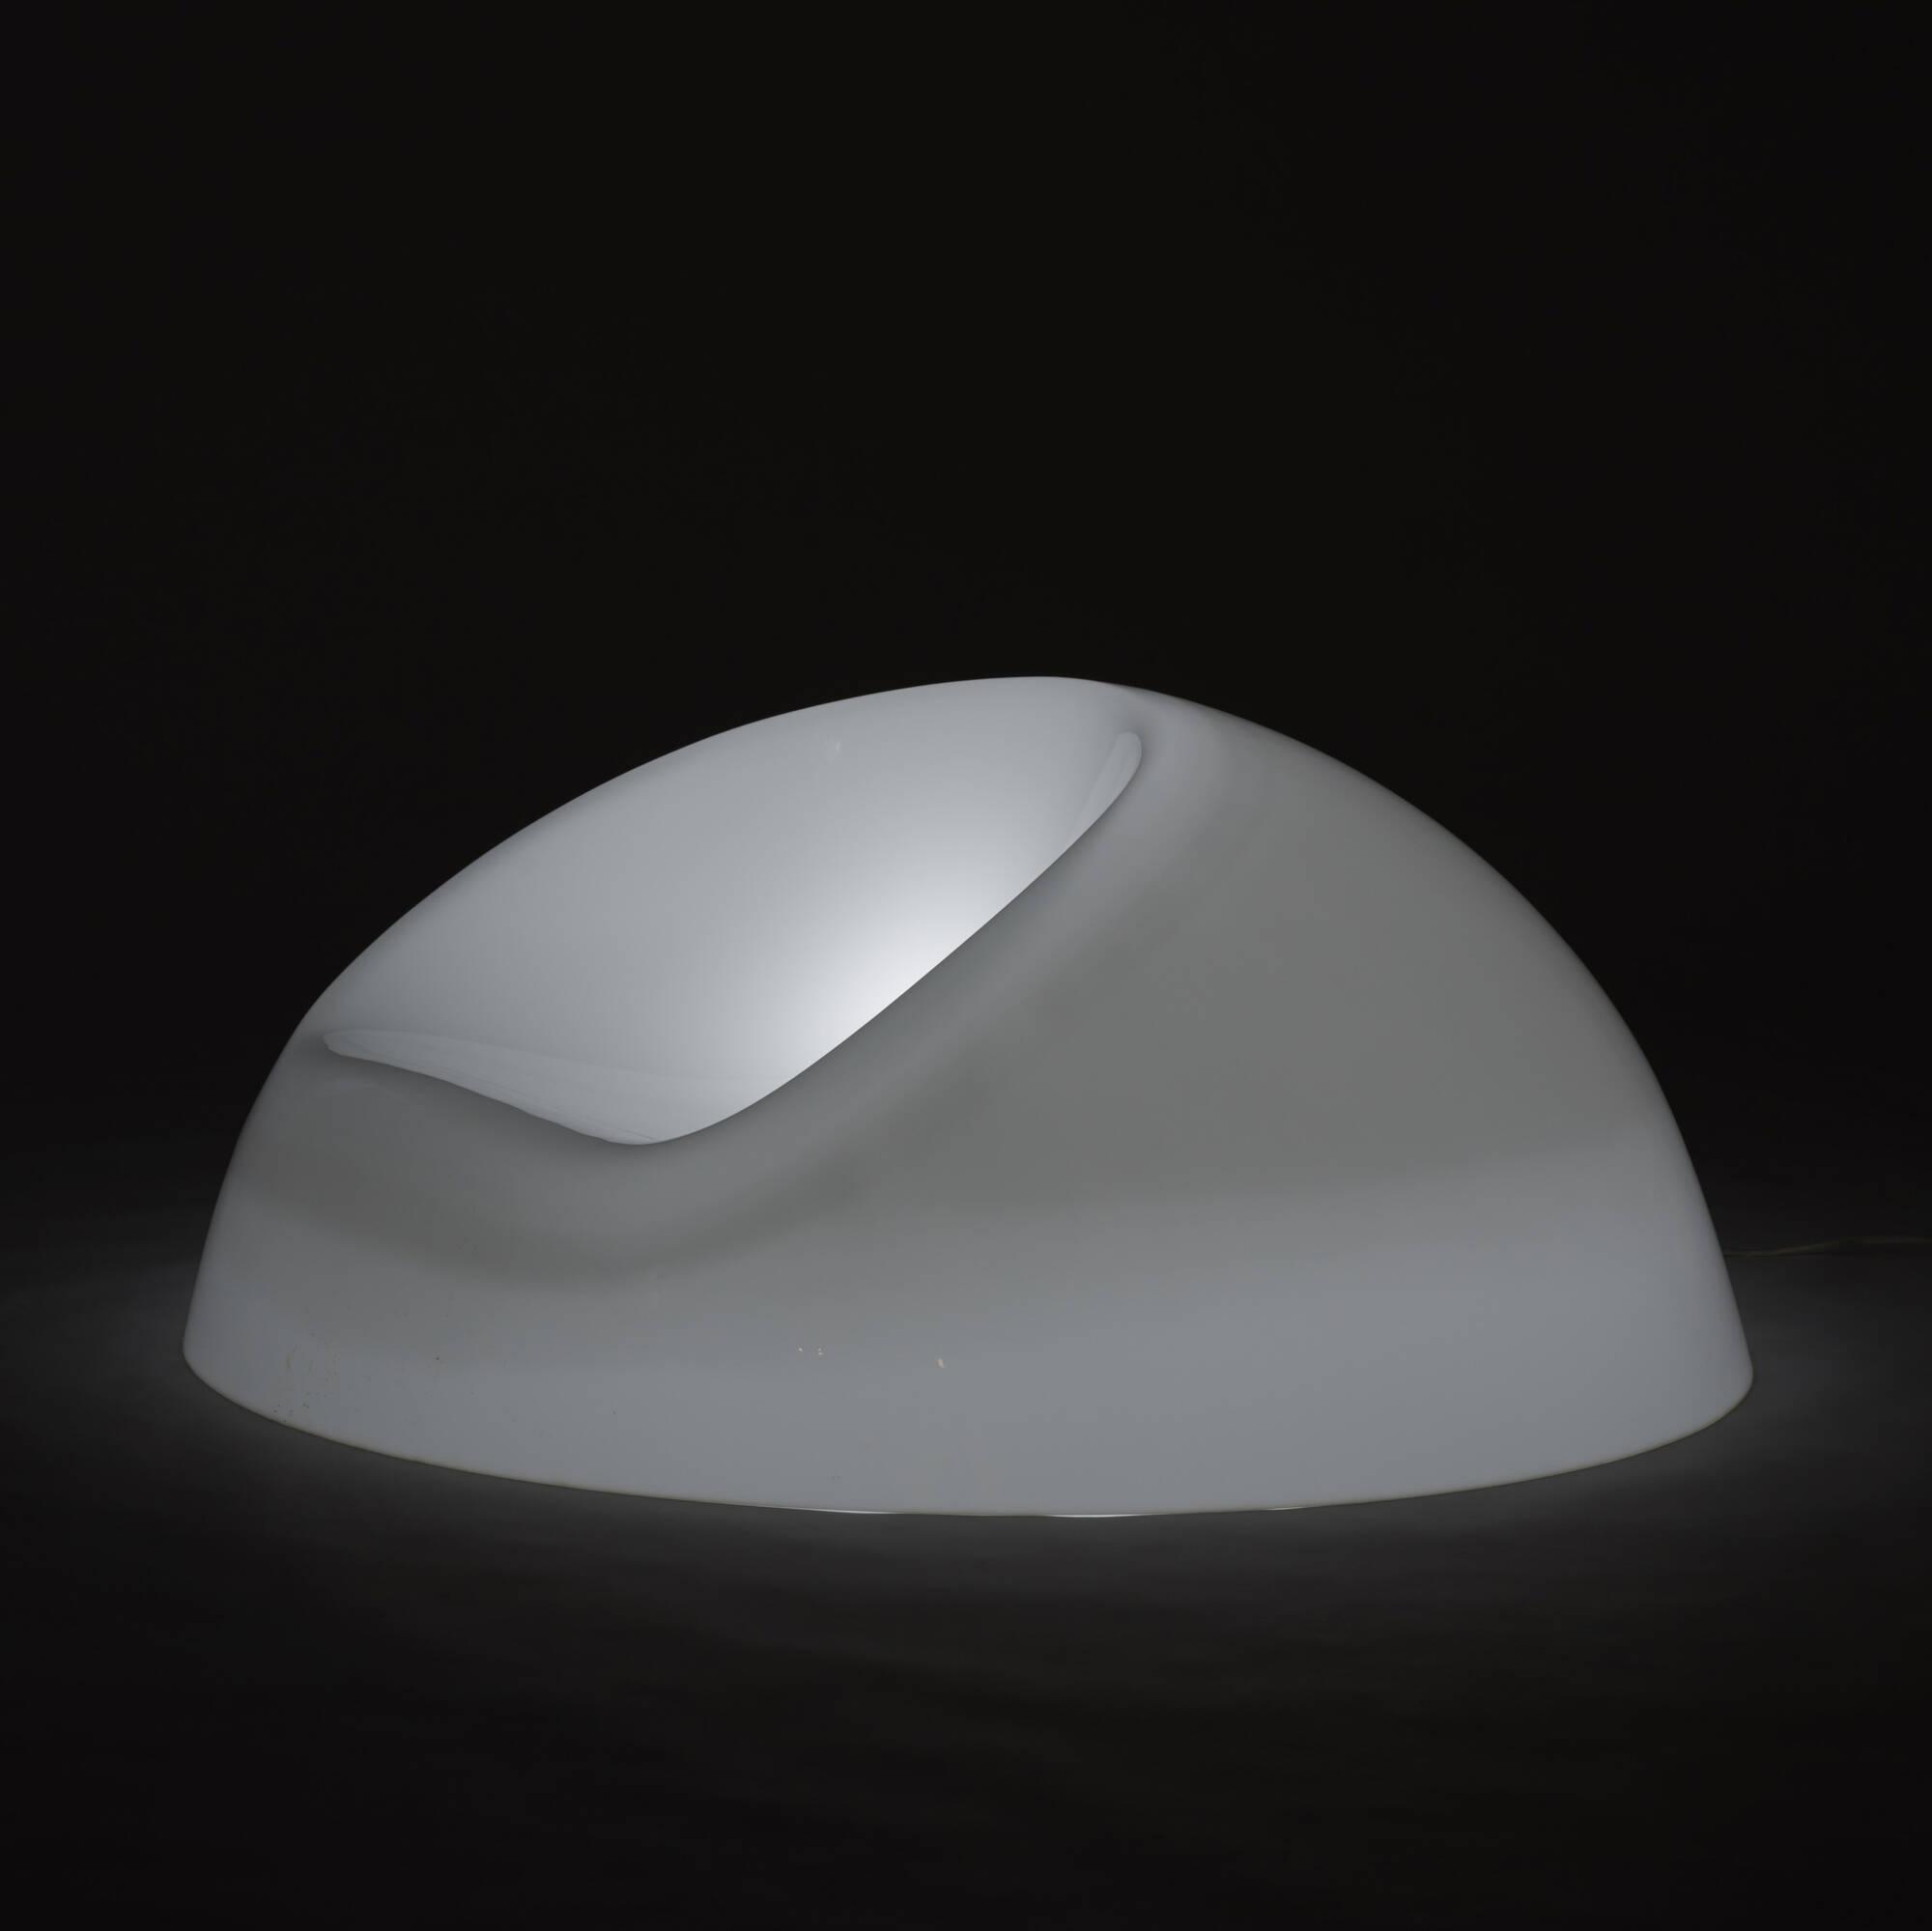 266: Shiro Kuramata / Luminous Chair (2 of 4)